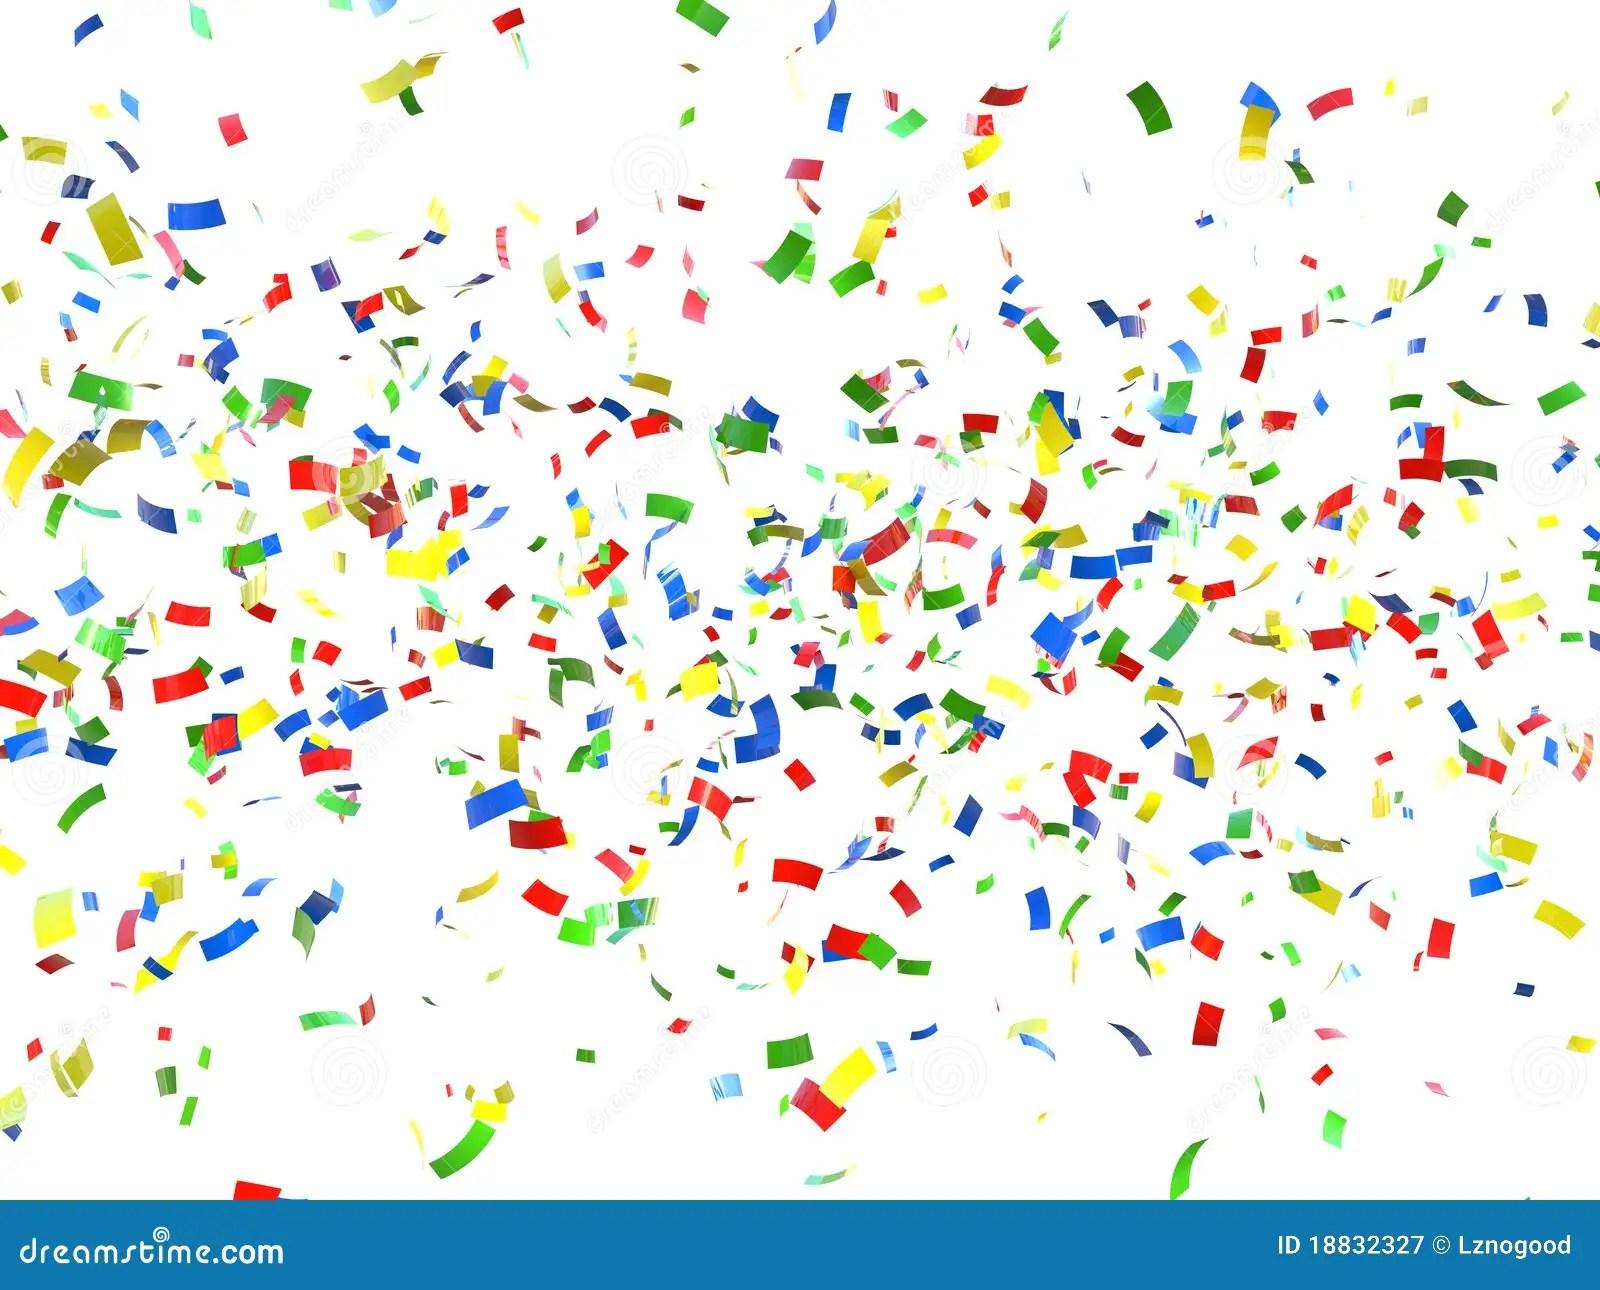 Falling Glitter Confetti Wallpapers Festive Background Of Confetti Stock Illustration